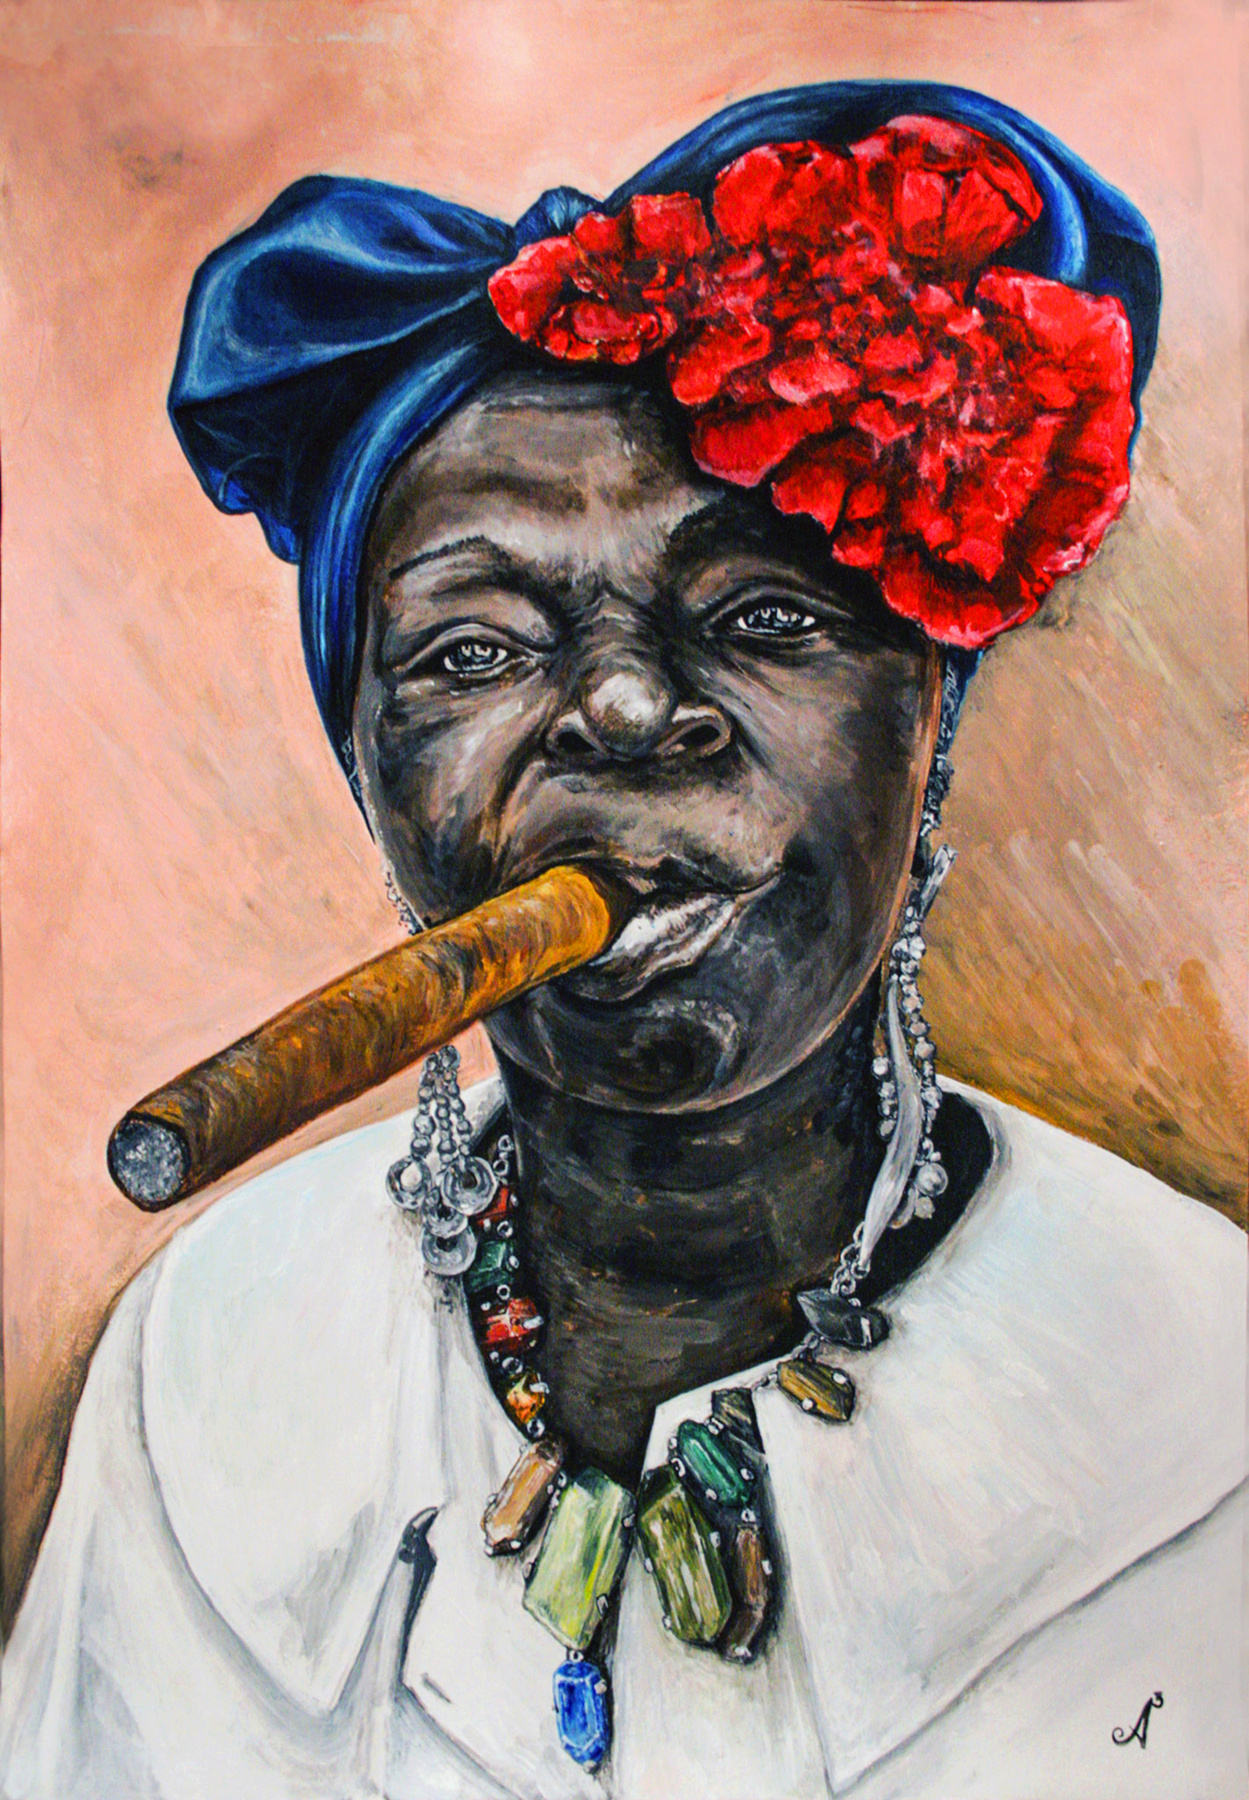 Негритянки с сигарой, эротика с участием мила кунис